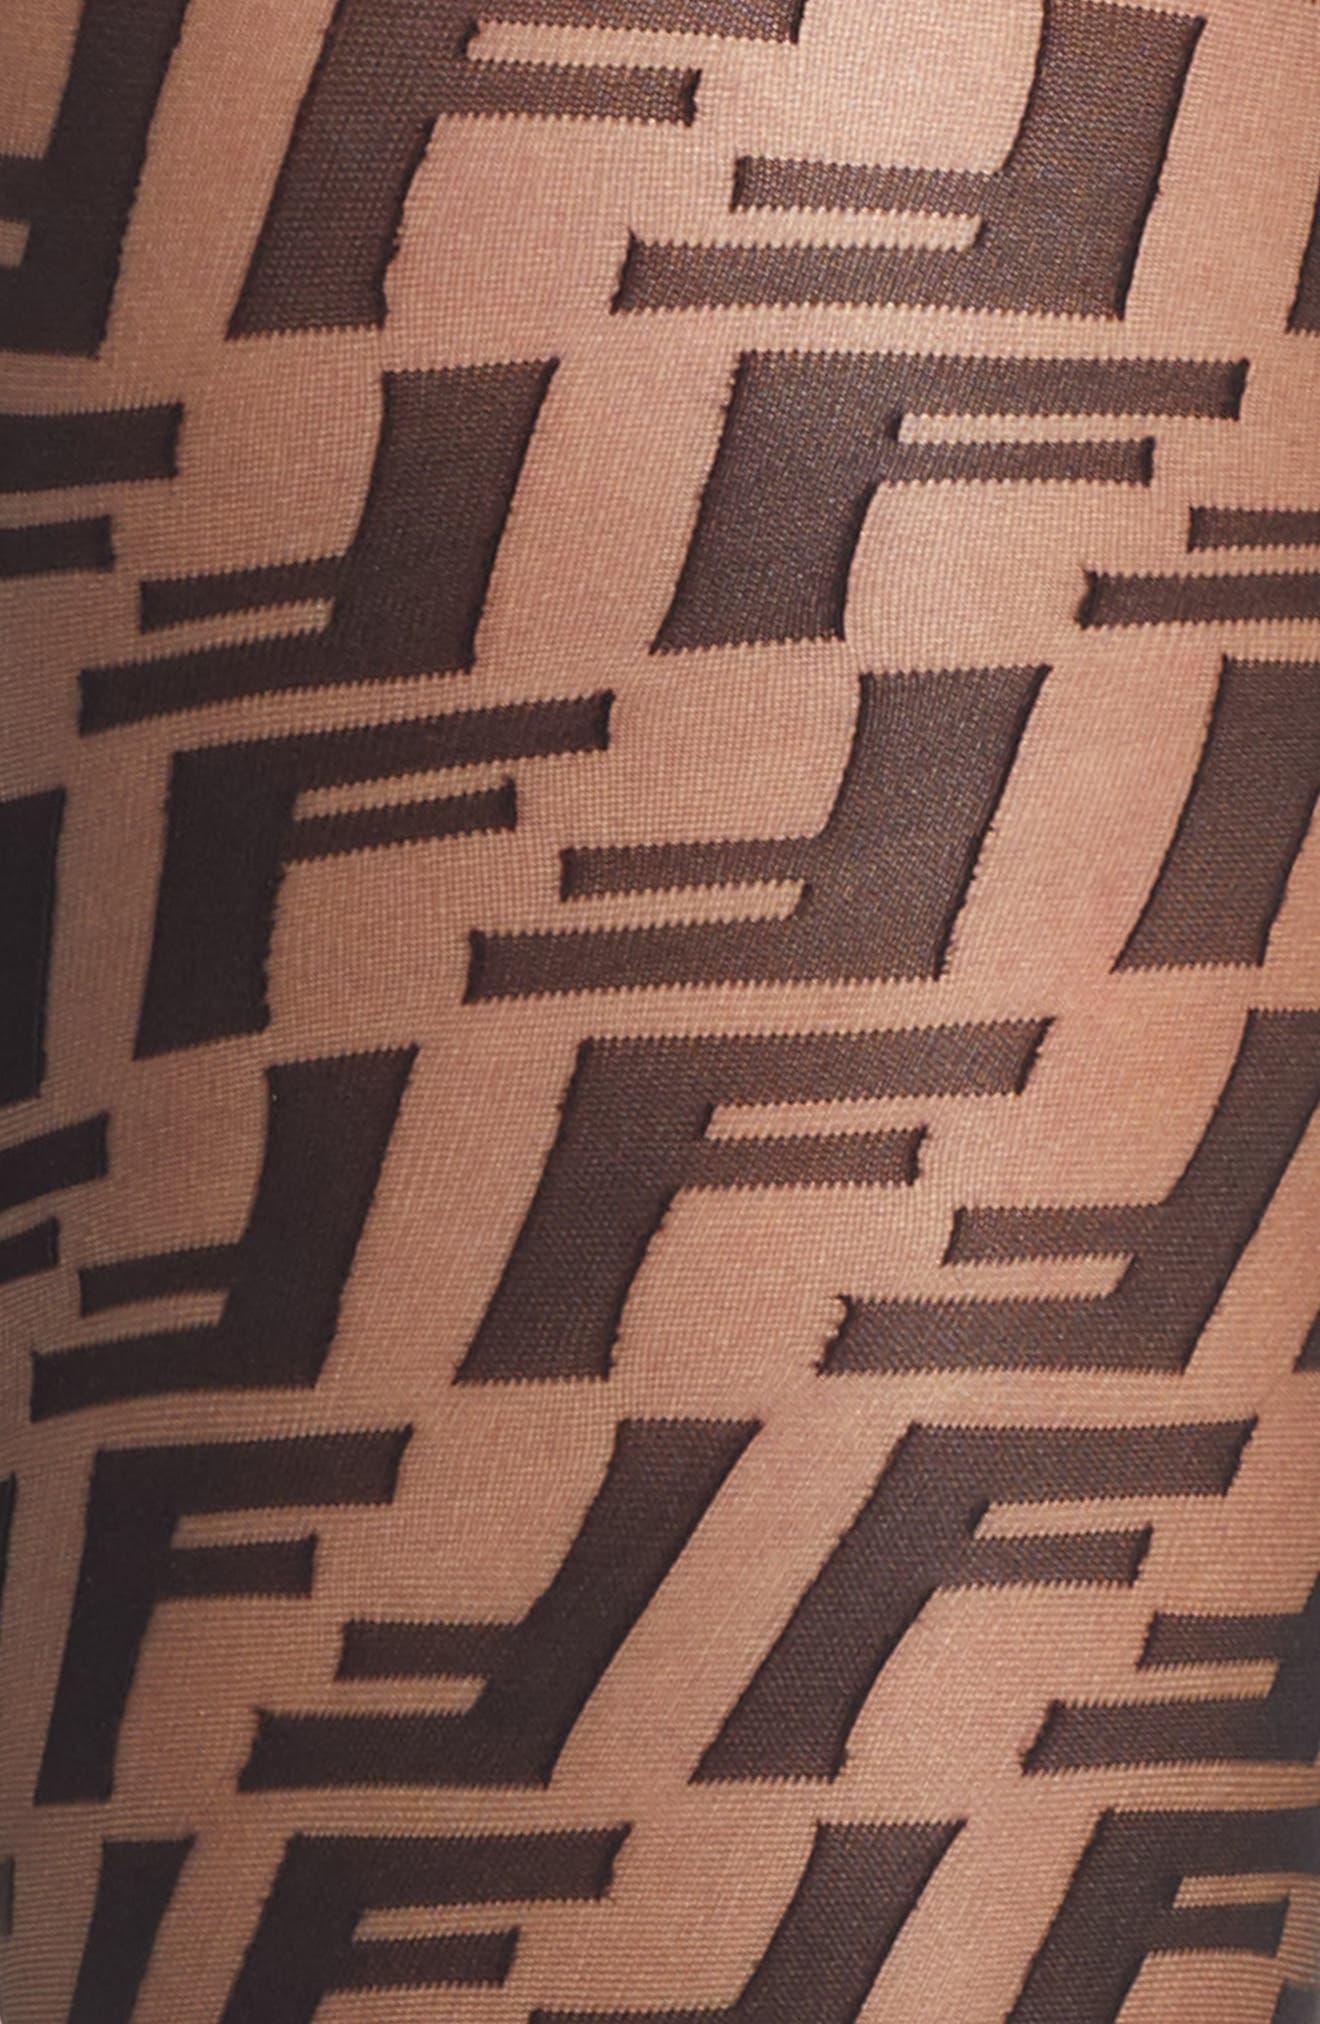 FENDI,                             Double F Logo Tights,                             Alternate thumbnail 2, color,                             BLACK